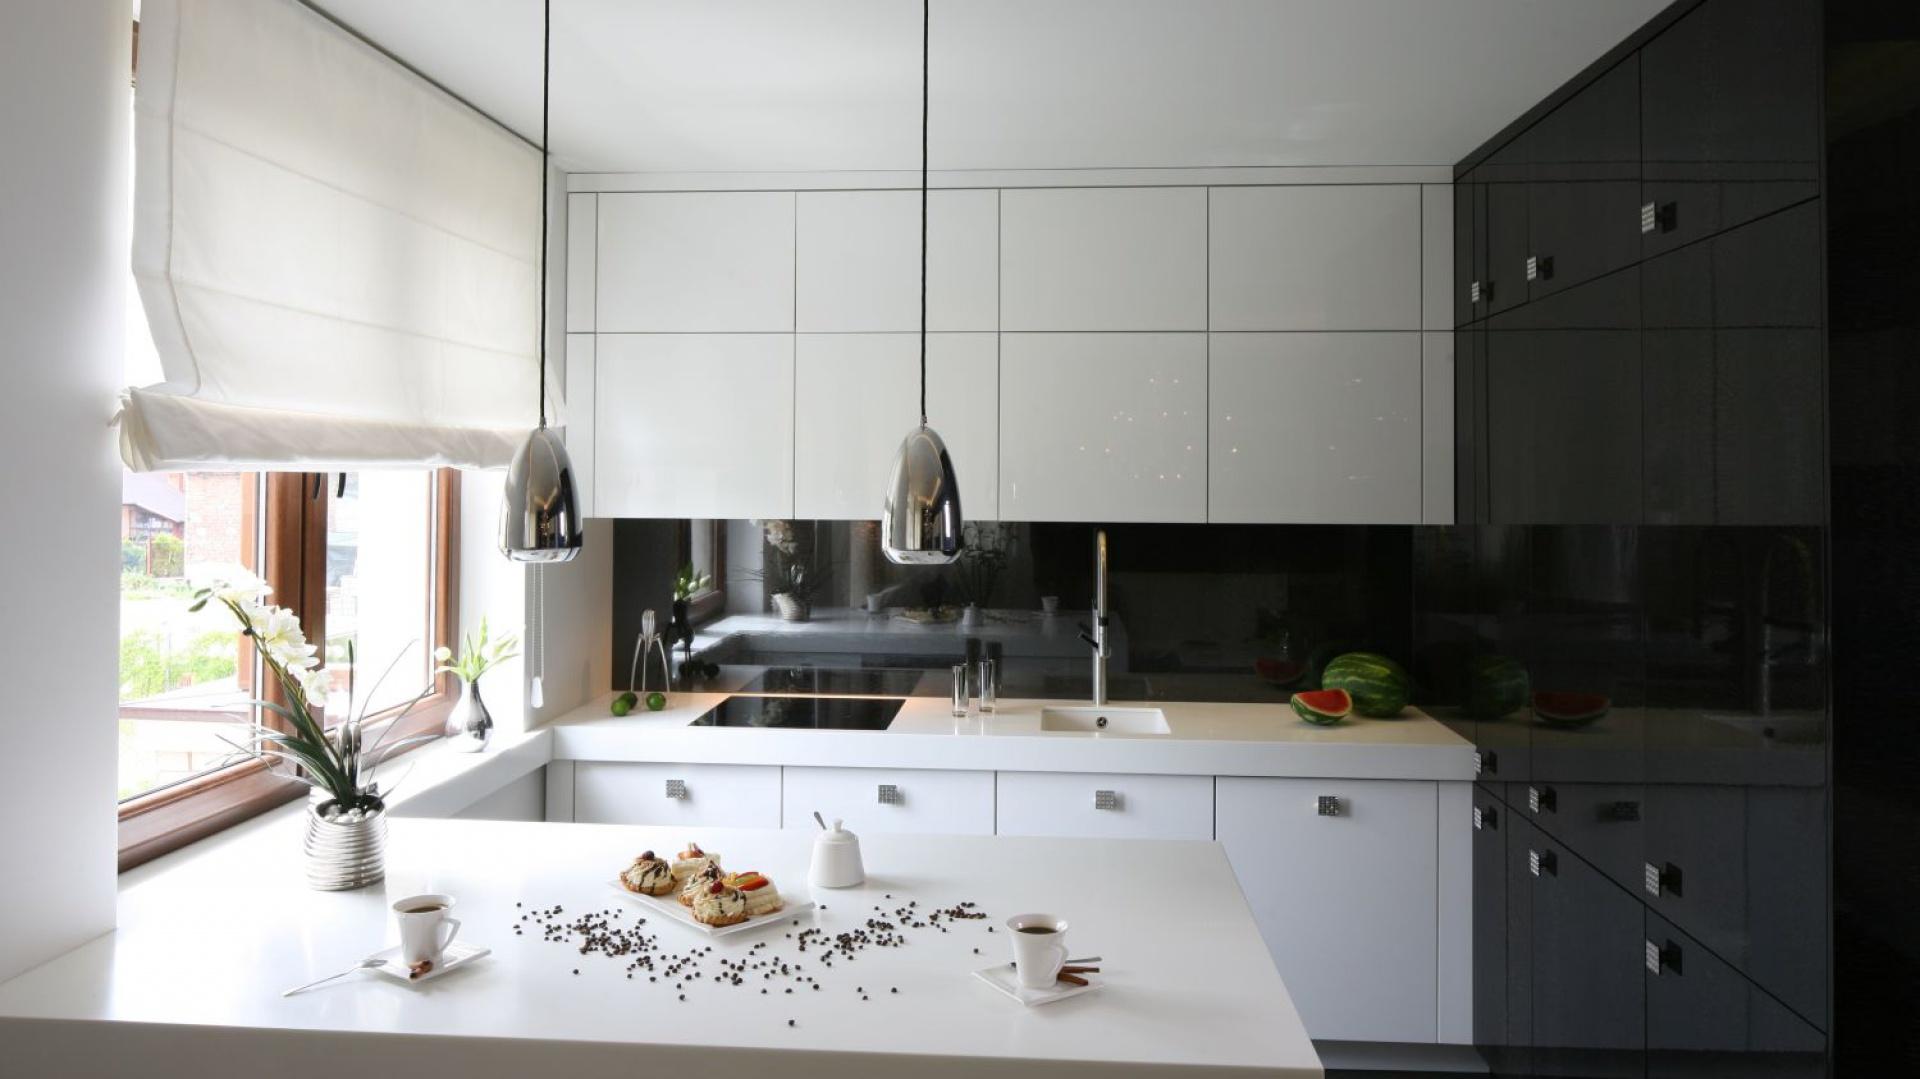 Kuchnia W Stylu Glamour 10 Zdjęć Z Polskich Domów